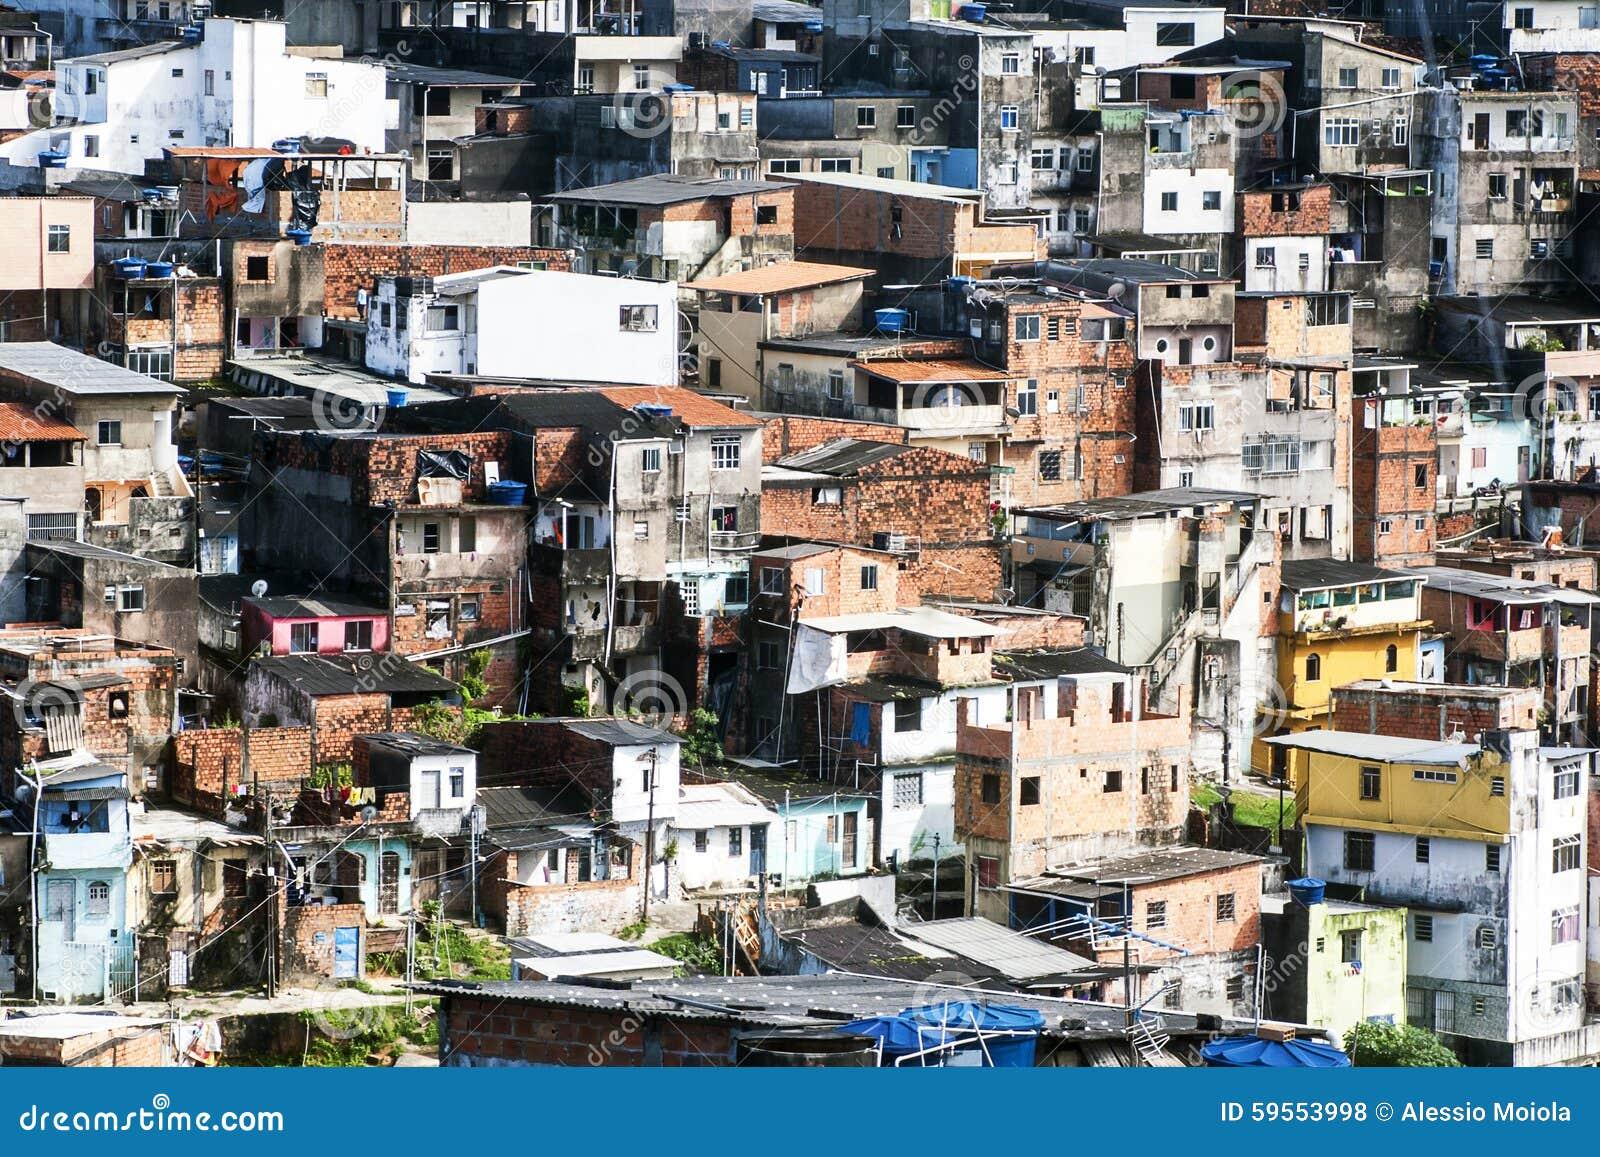 Salvador in Bahia, Brazil